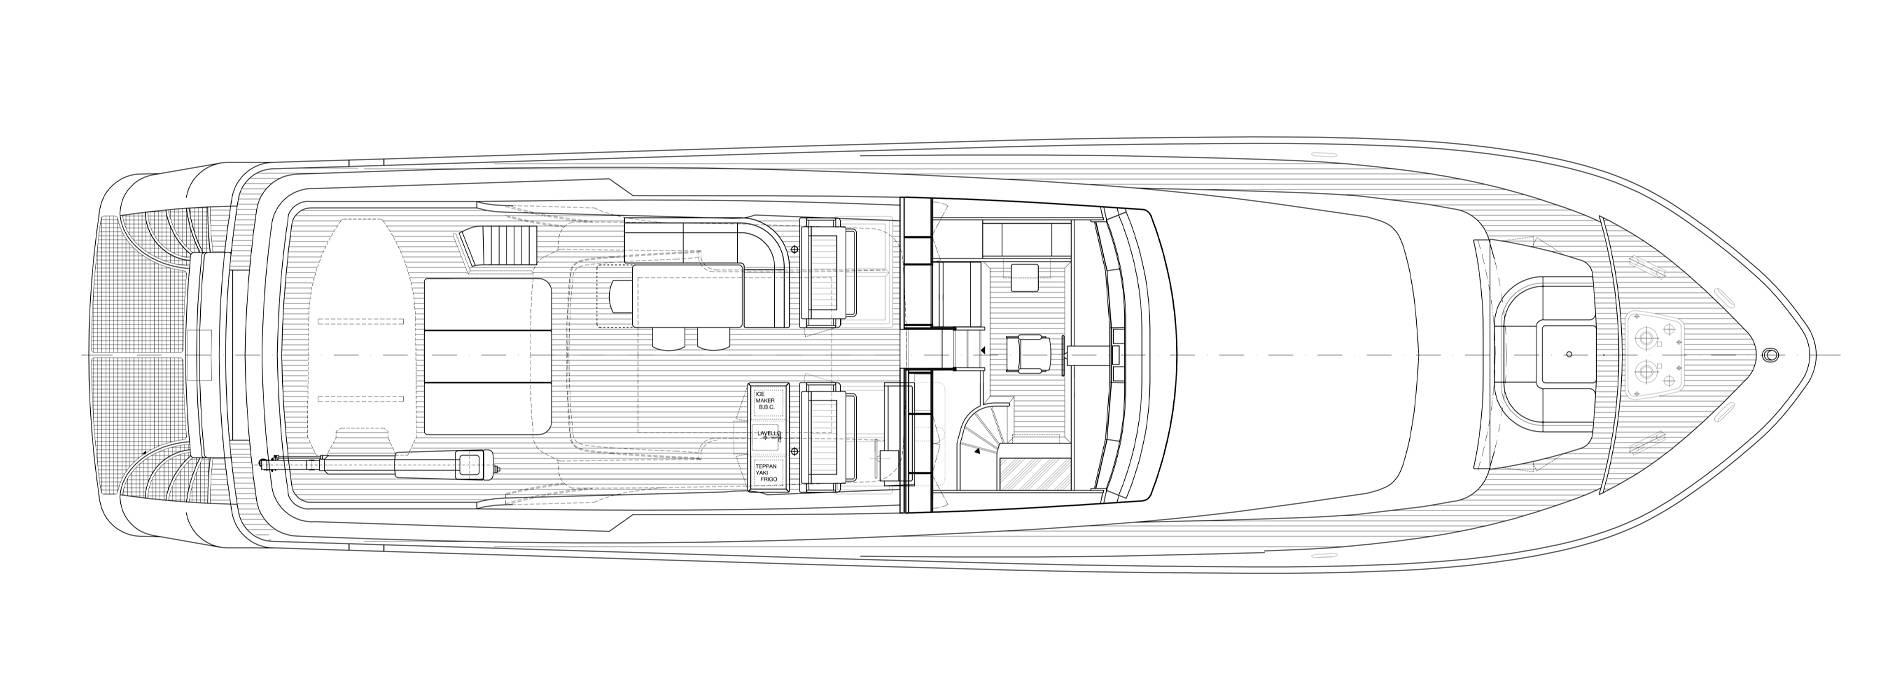 Sanlorenzo Yachts SL88-541 Außendeck